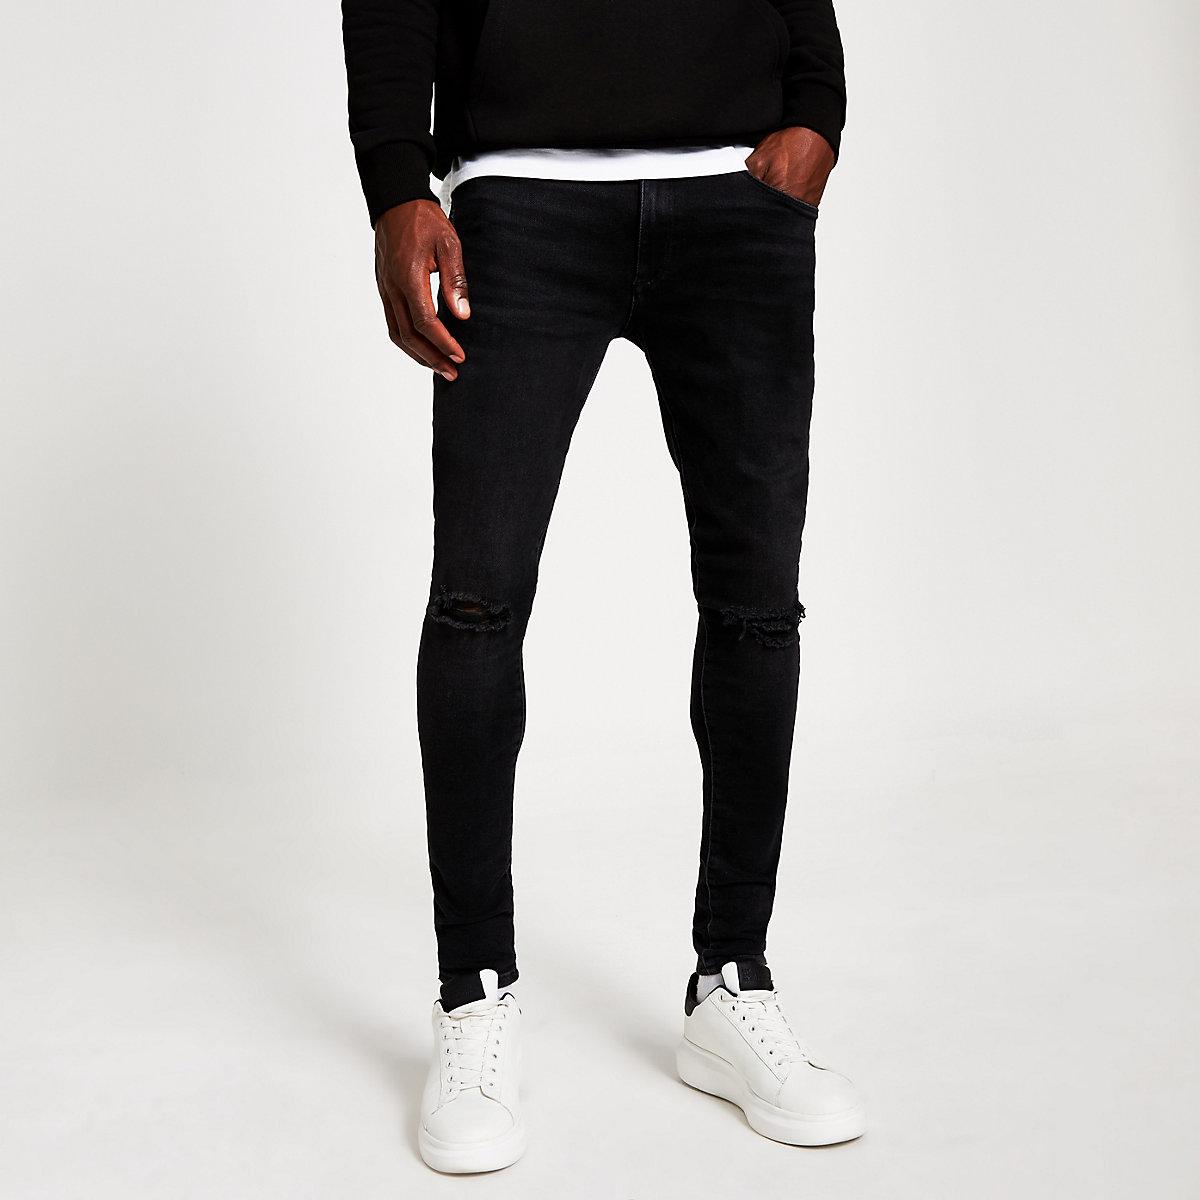 Black ripped spray on Ollie skinny jeans